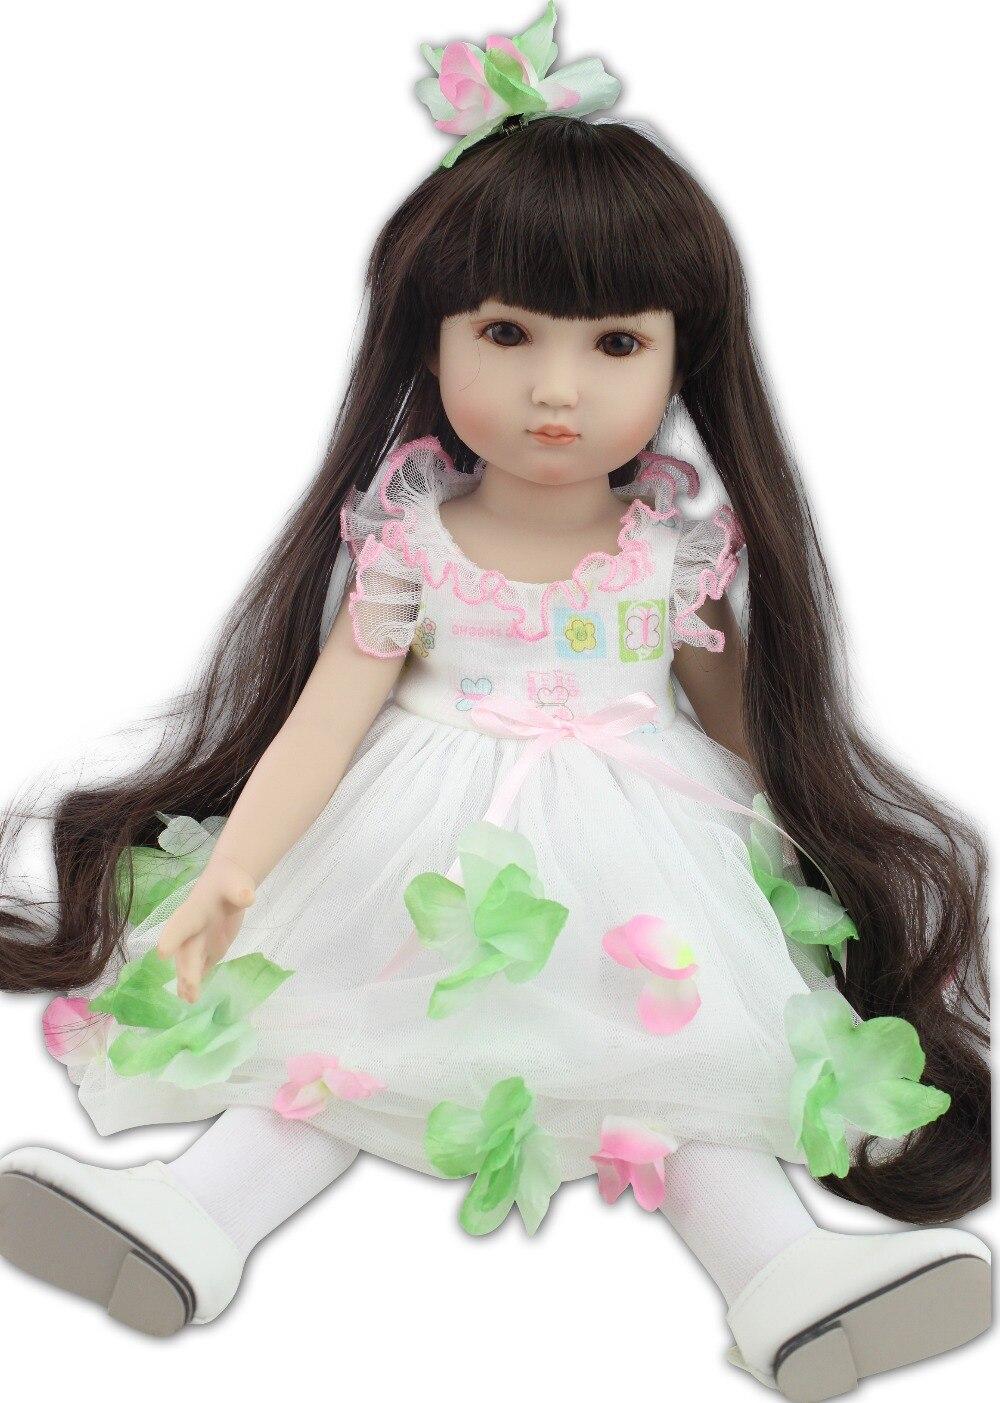 Nouveau design le plus populaire 18 pouces mode jouer poupée éducation jouet pour les filles cadeau d'anniversaire